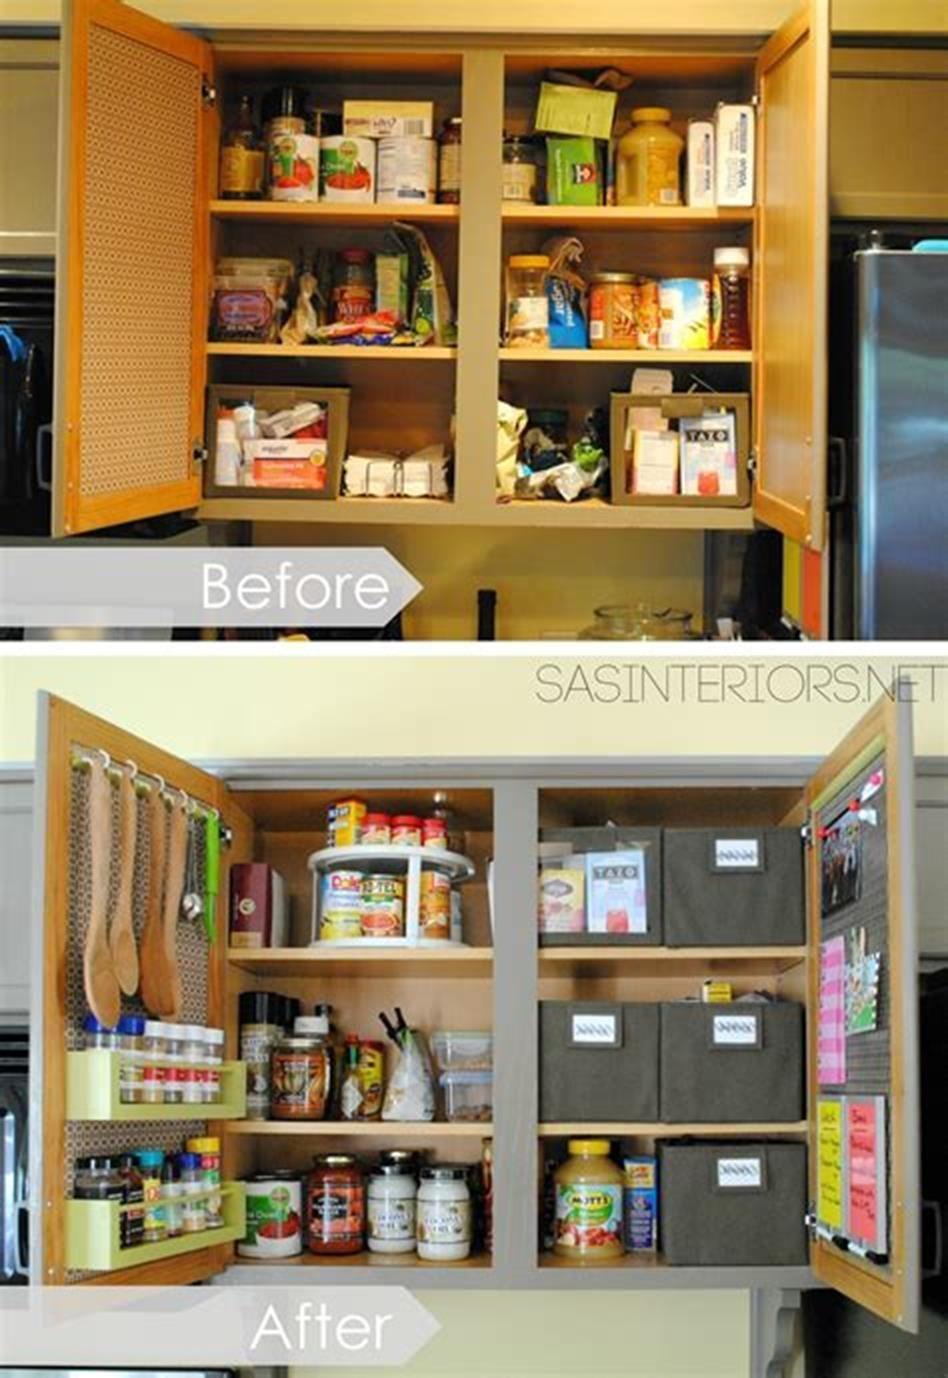 40+ DIY Ideas Kitchen Cabinet Organizers #cabinetorganizers 40 DIY Ideas Kitchen Cabinet Organizers 2 #cabinetorganizers 40+ DIY Ideas Kitchen Cabinet Organizers #cabinetorganizers 40 DIY Ideas Kitchen Cabinet Organizers 2 #cabinetorganizers